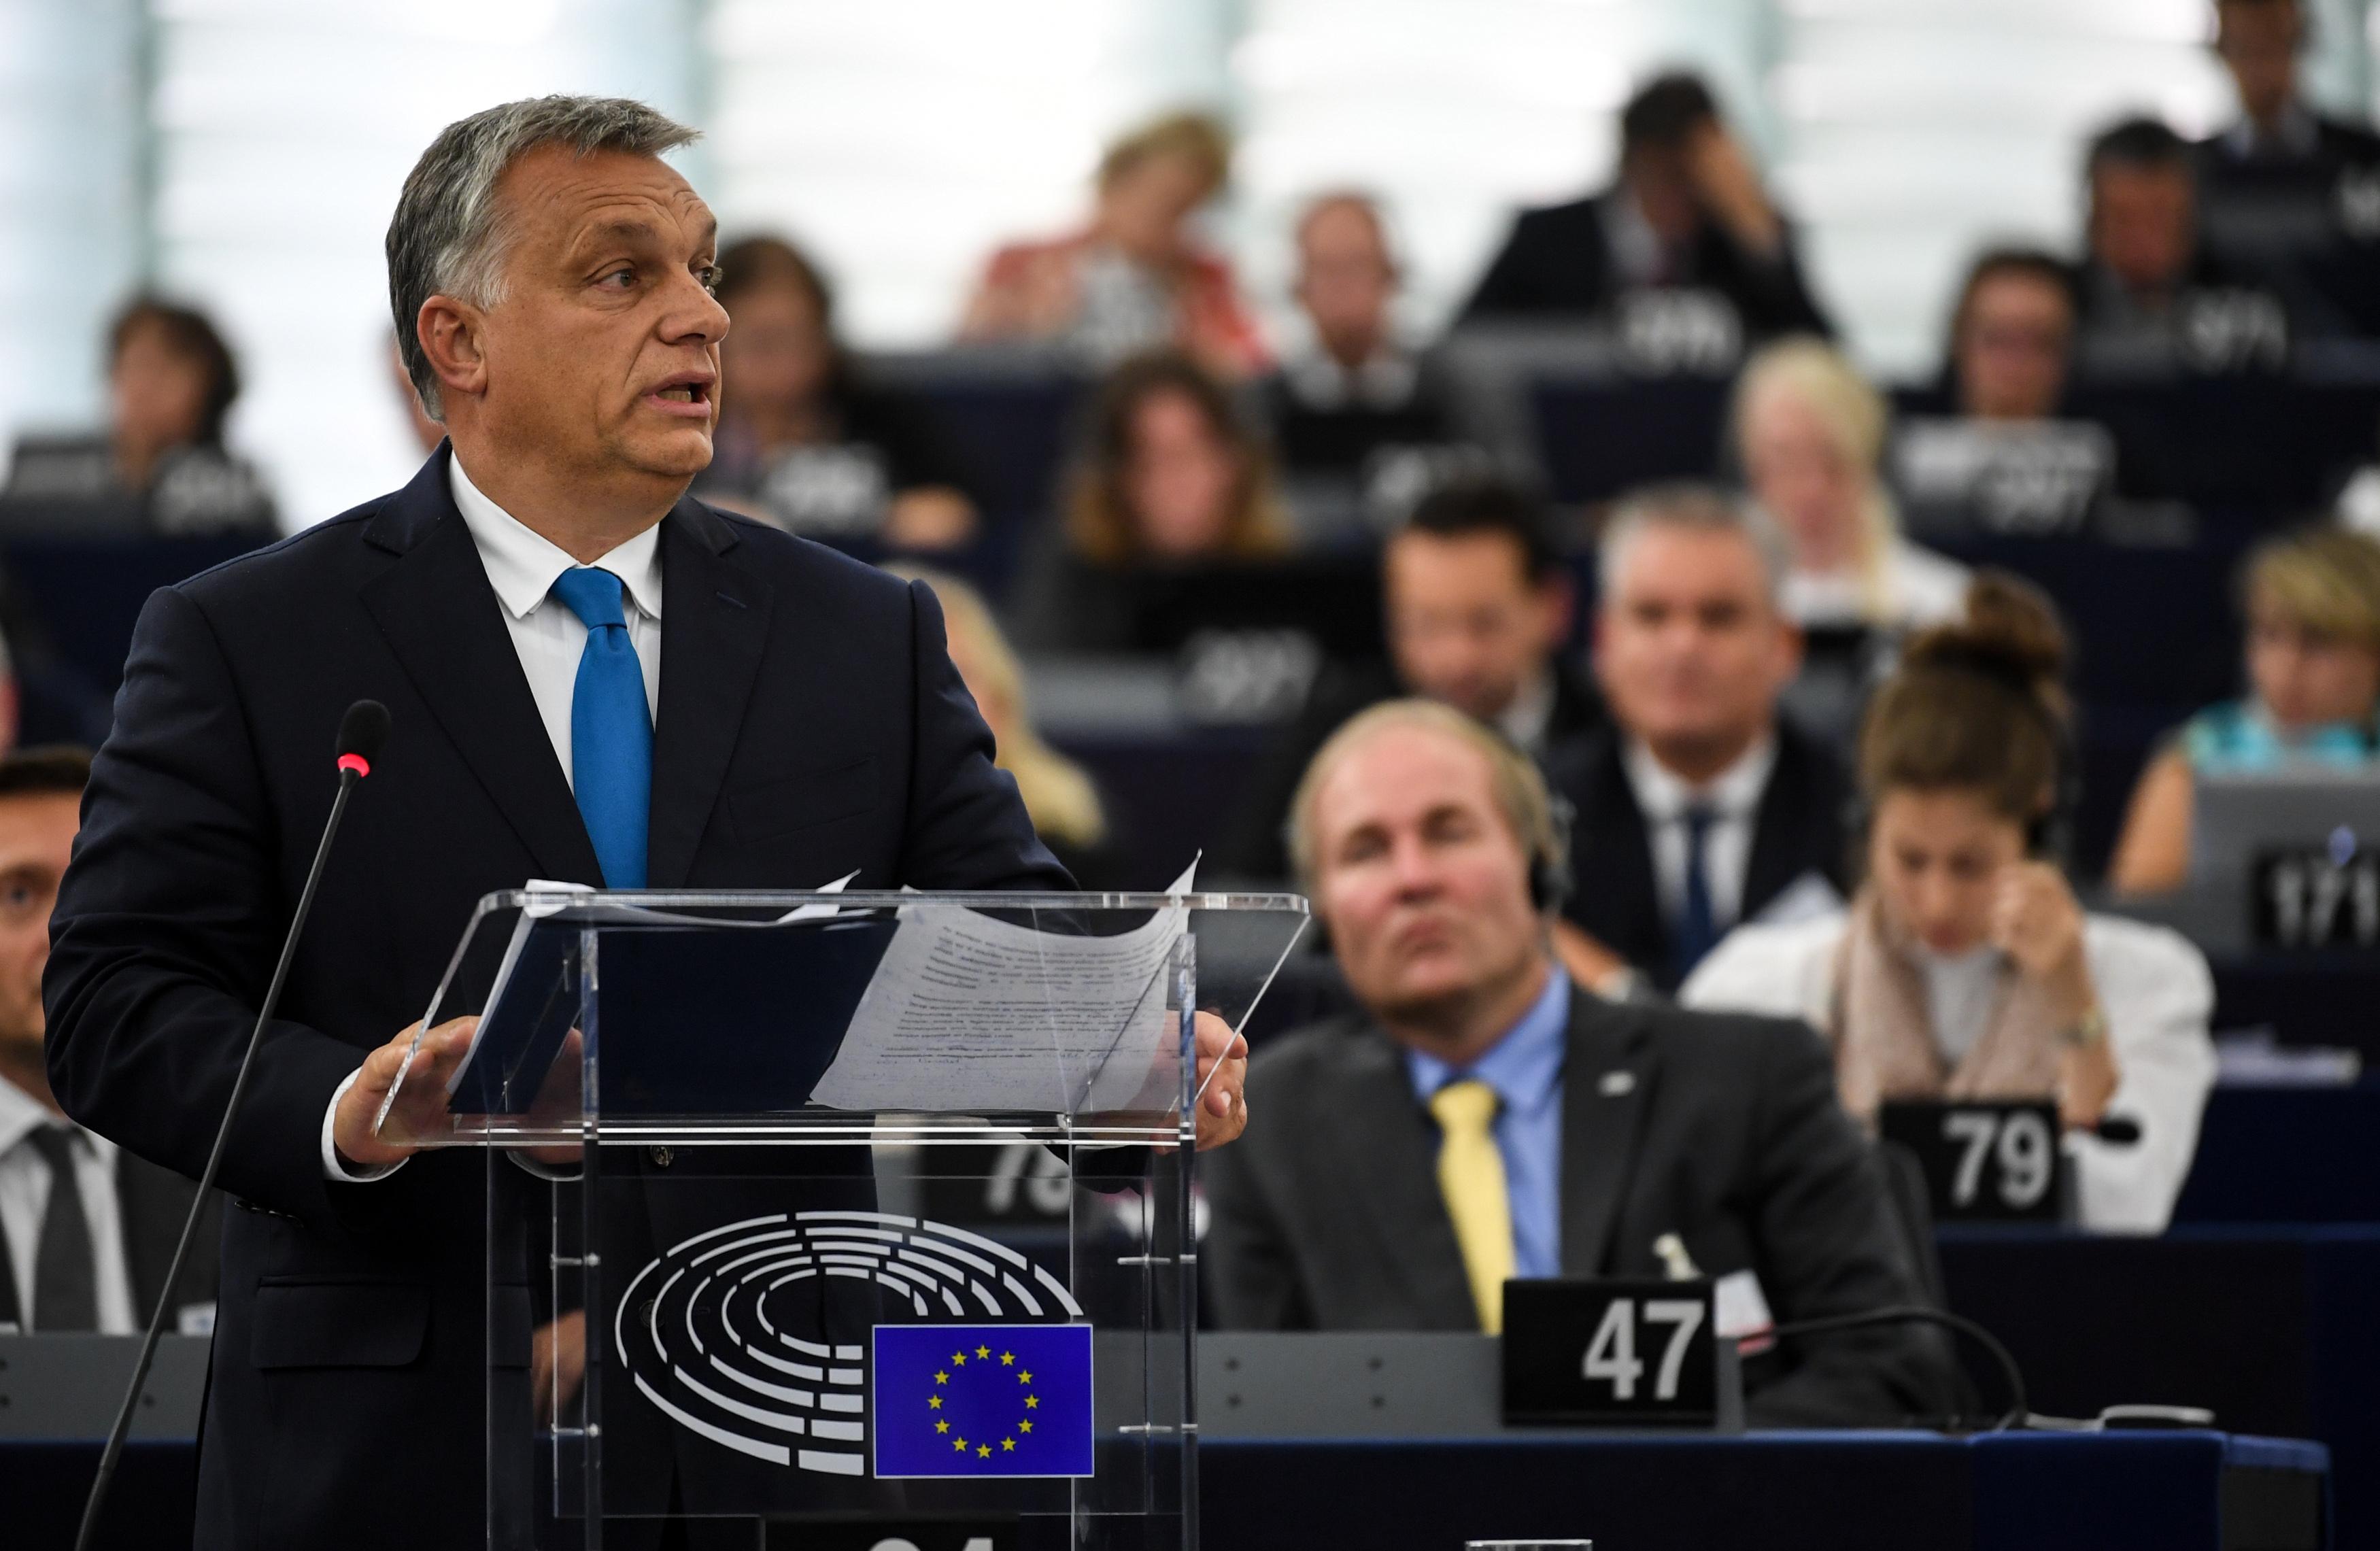 Izvješće o stanju u Mađarskoj podijelilo Europski parlament